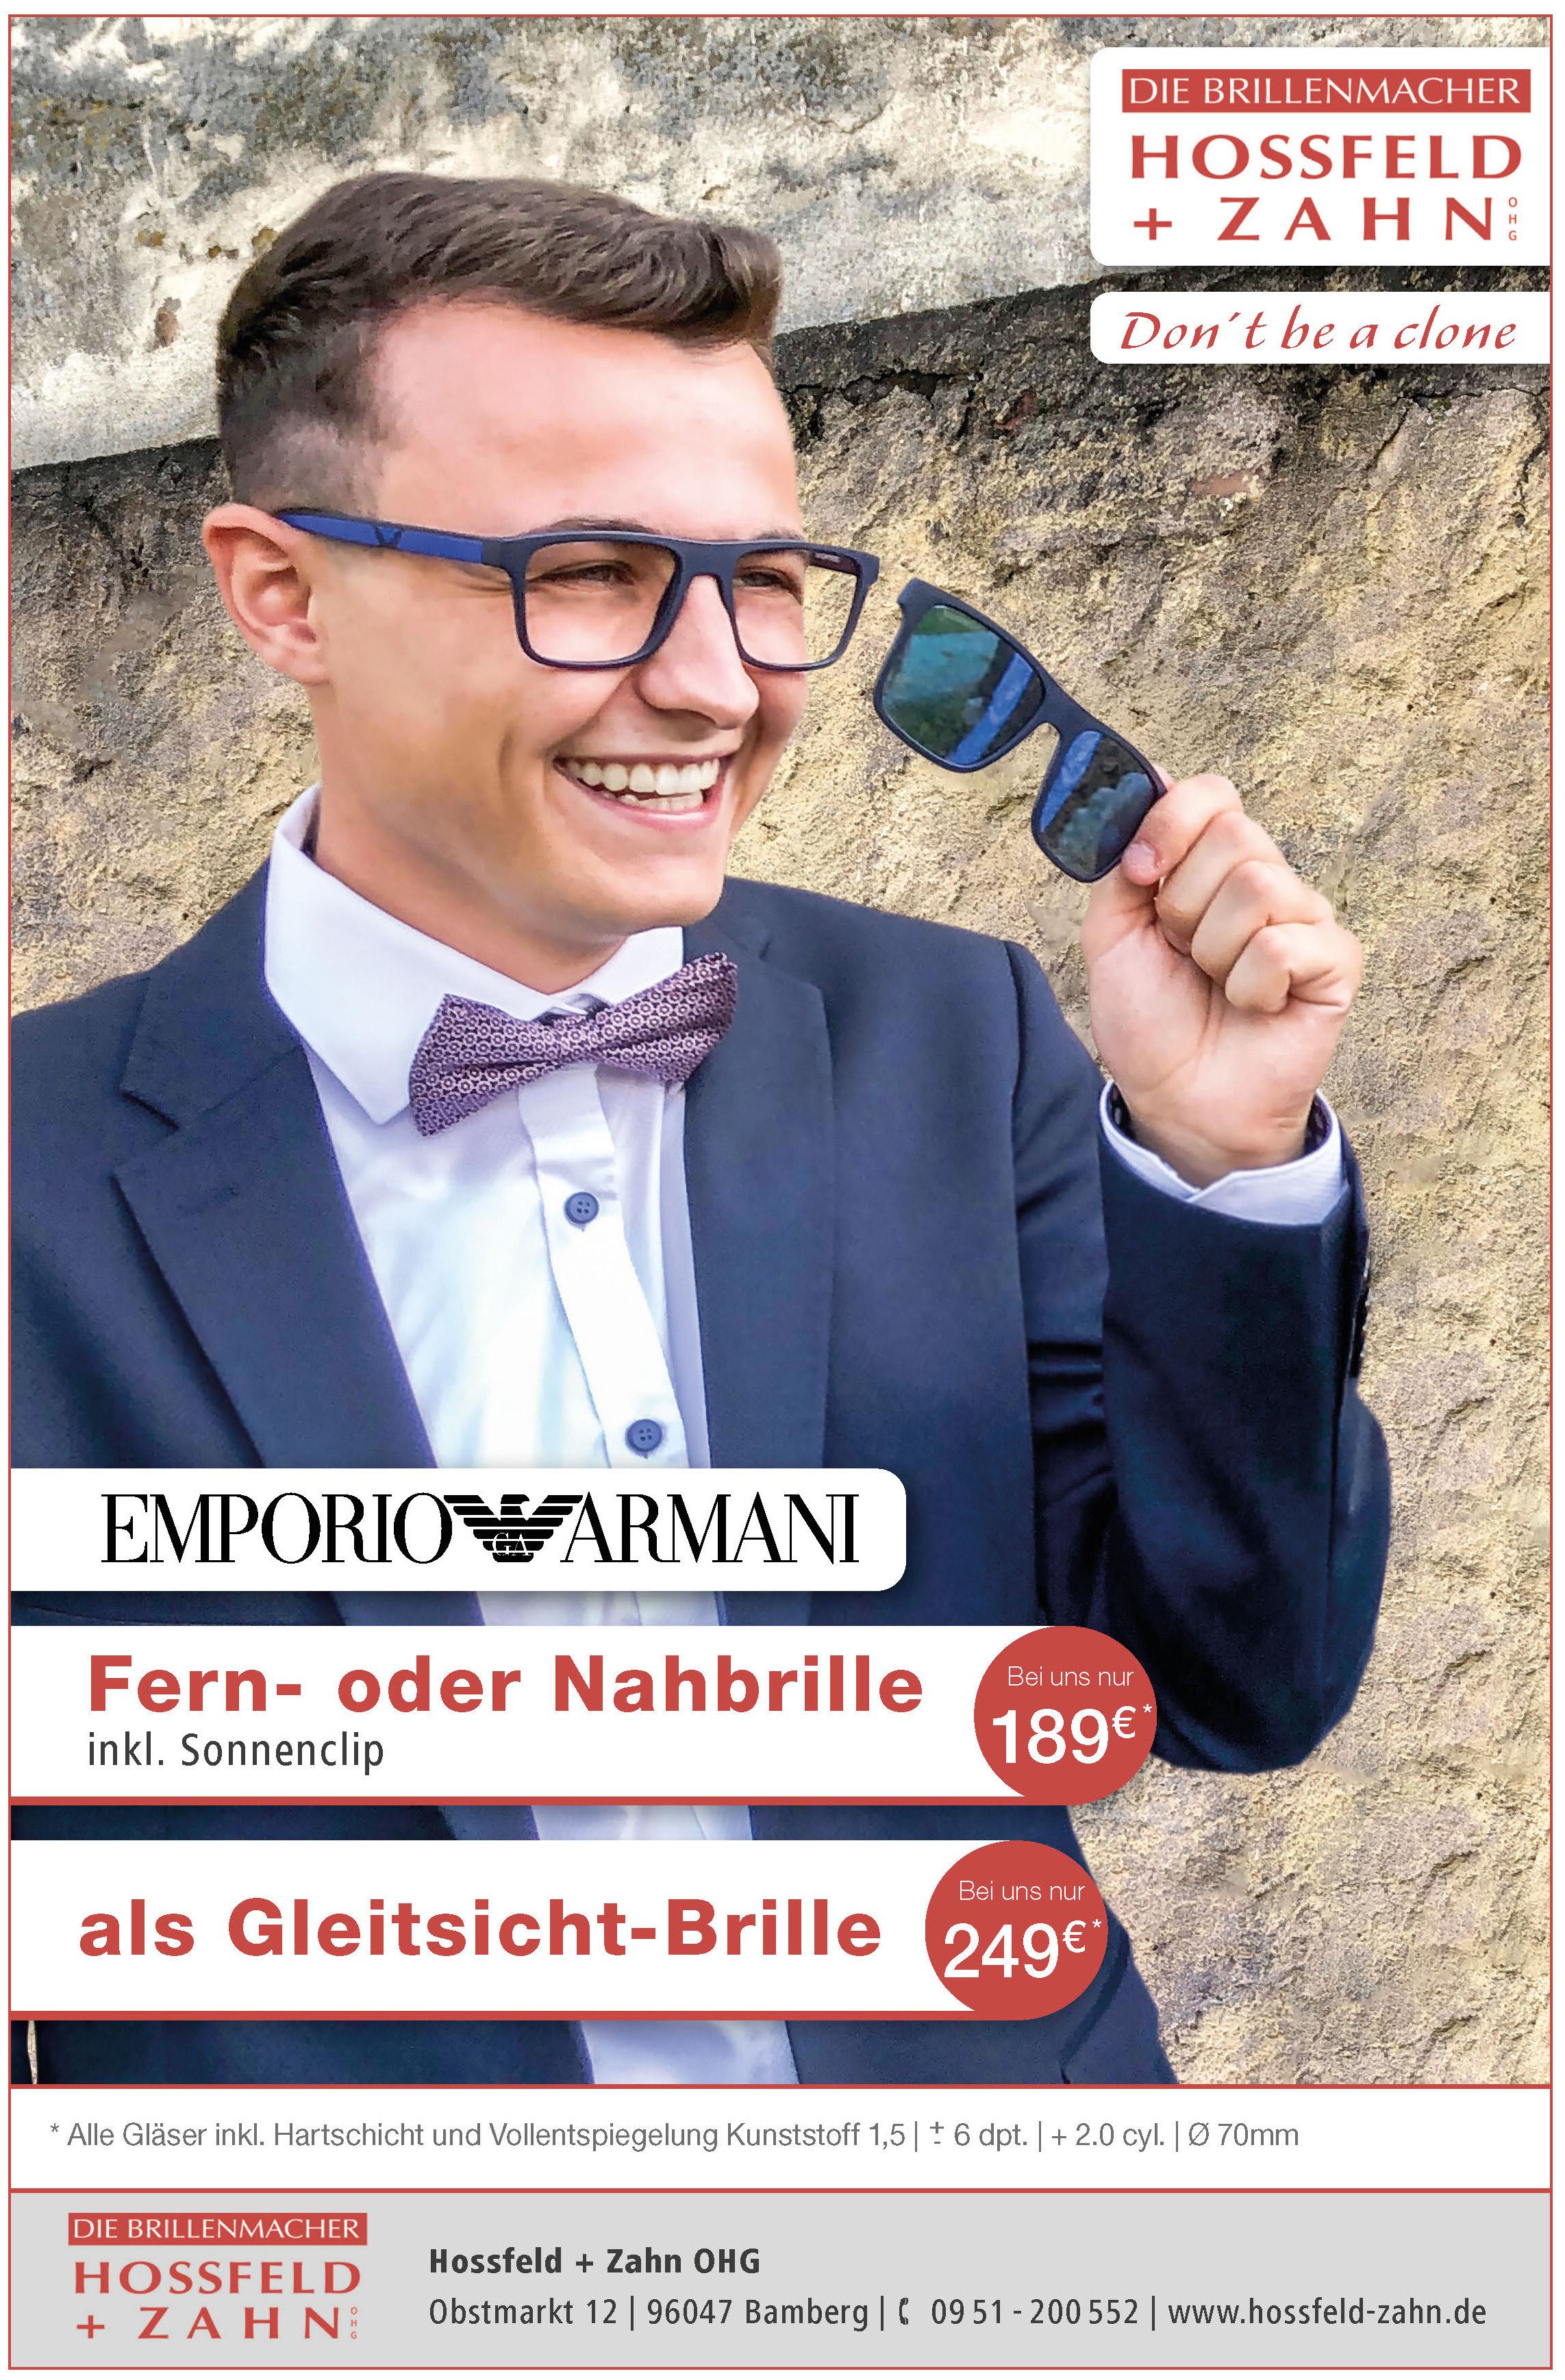 Emporio Armani |Fern- oder Nahbrille